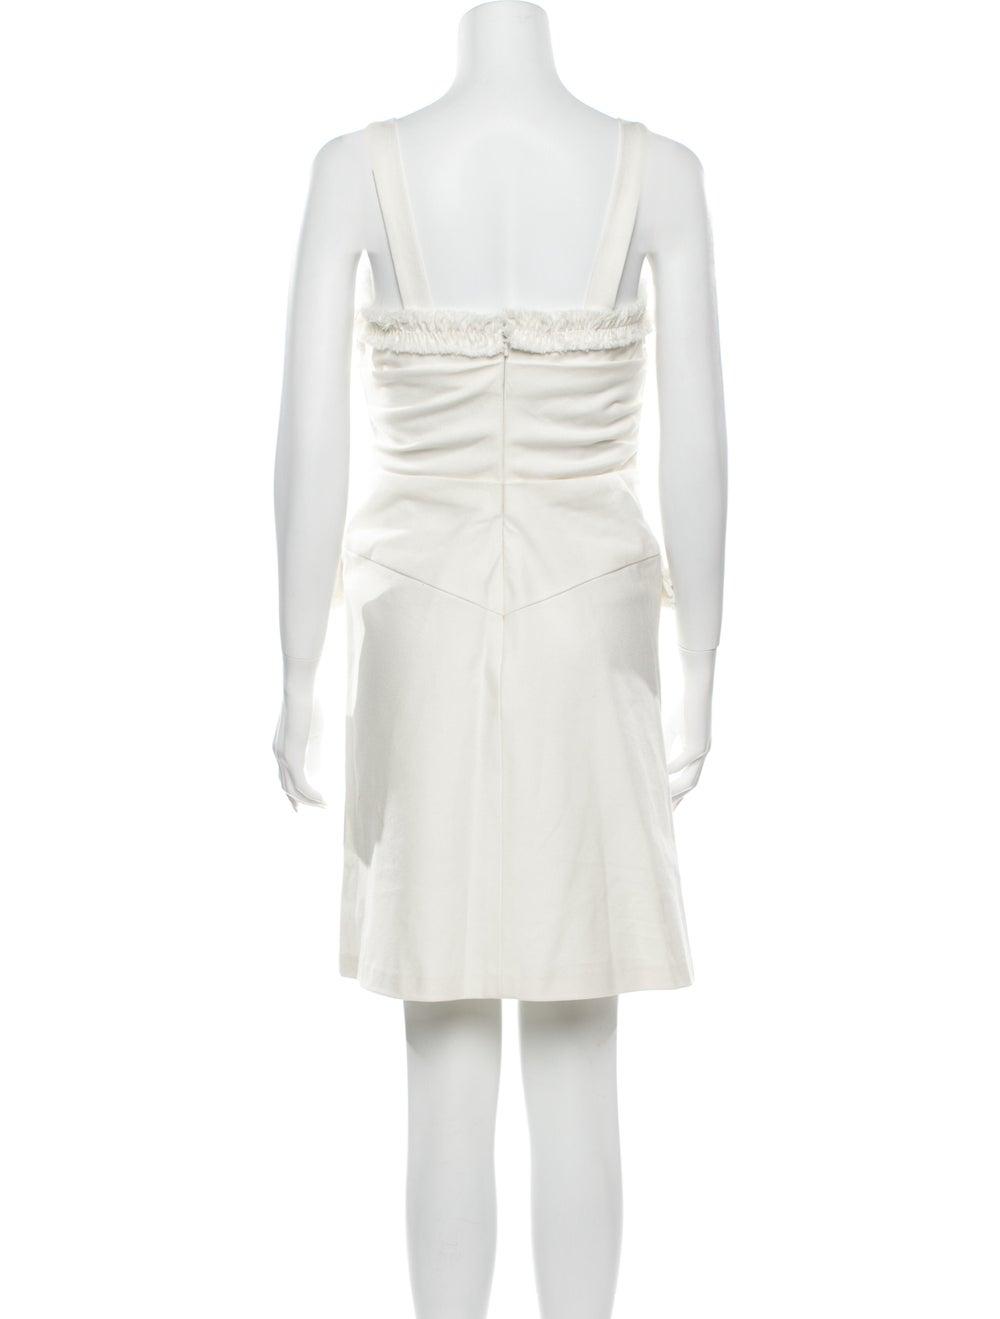 Oscar de la Renta Square Neckline Mini Dress - image 3